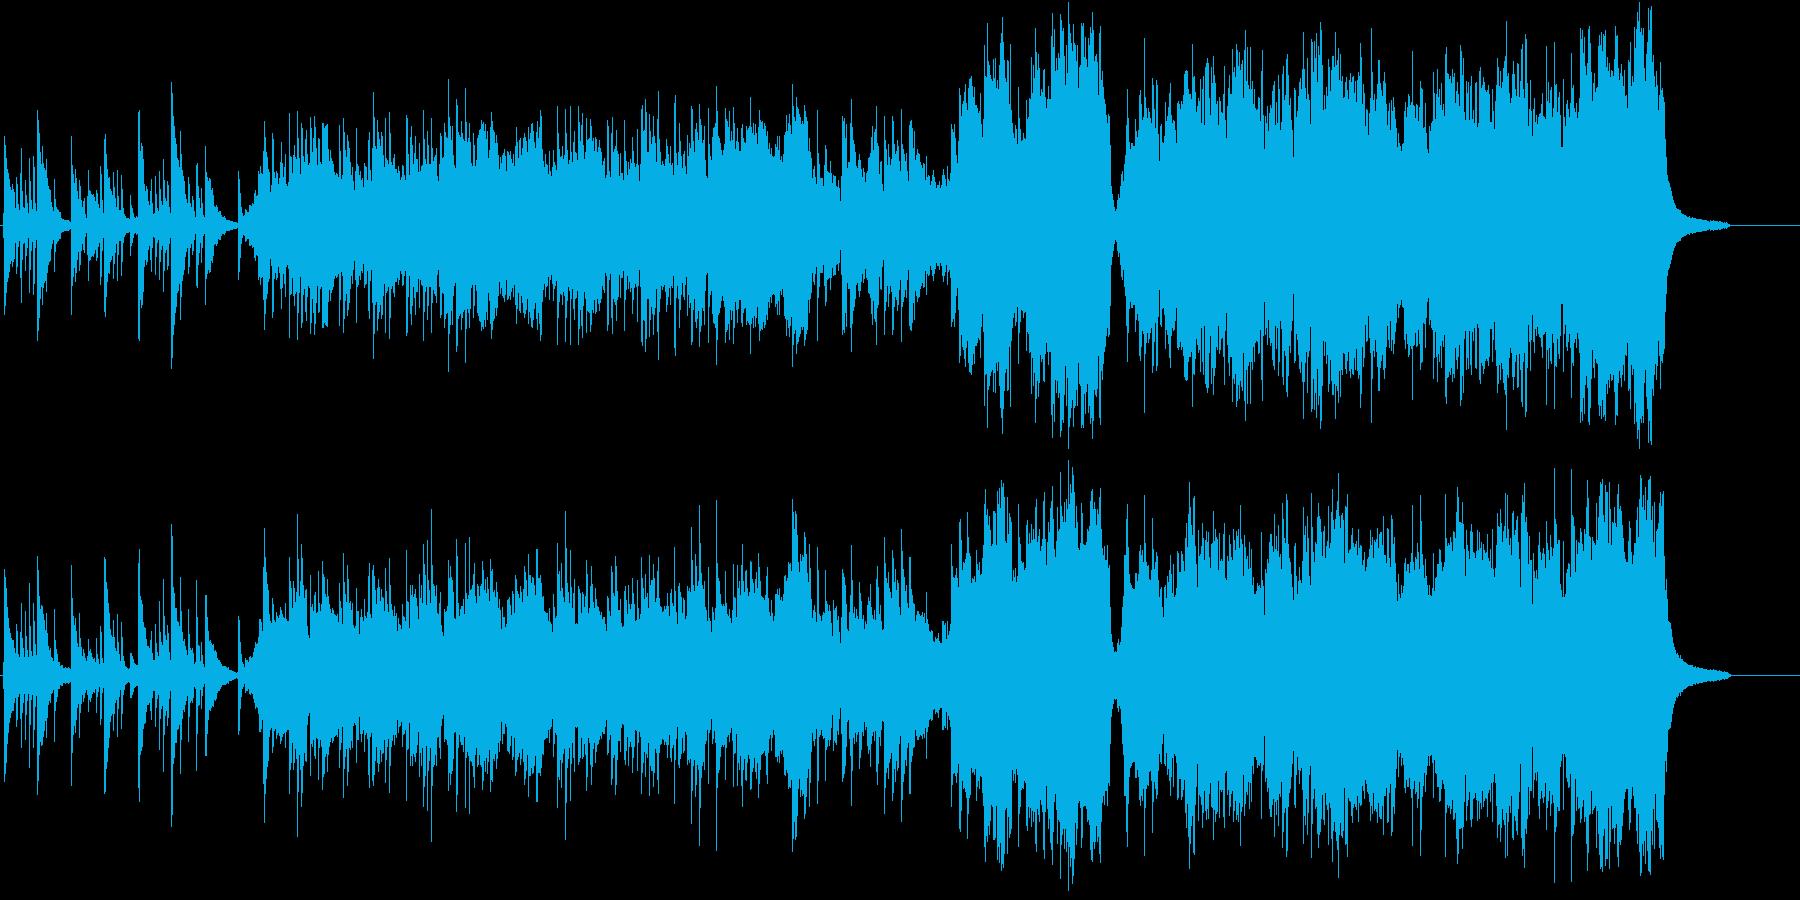 ピアノとオーケストラのロマンチック雪物語の再生済みの波形